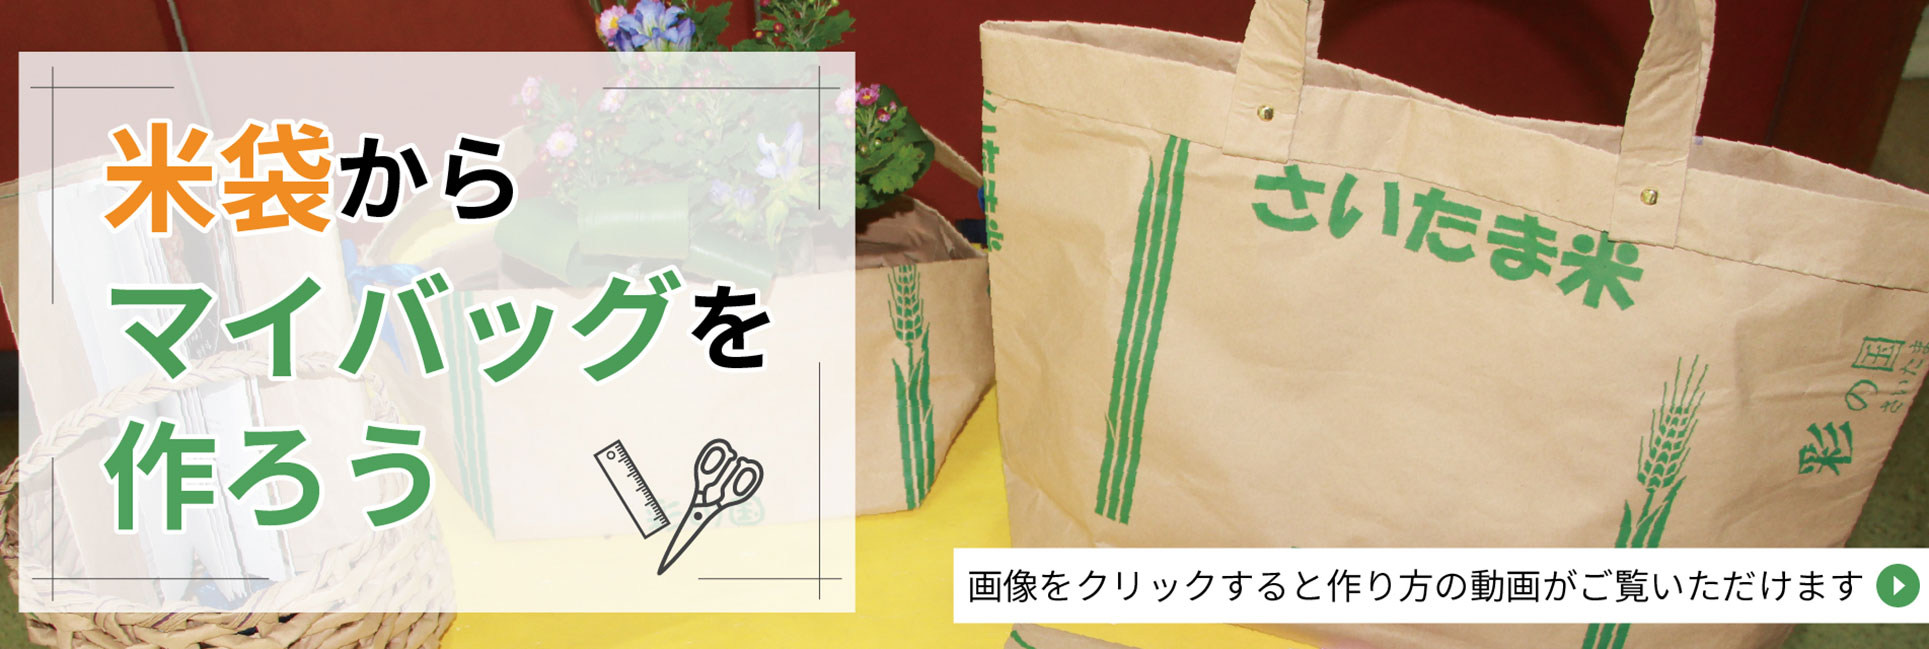 米袋からマイバッグを作ろう